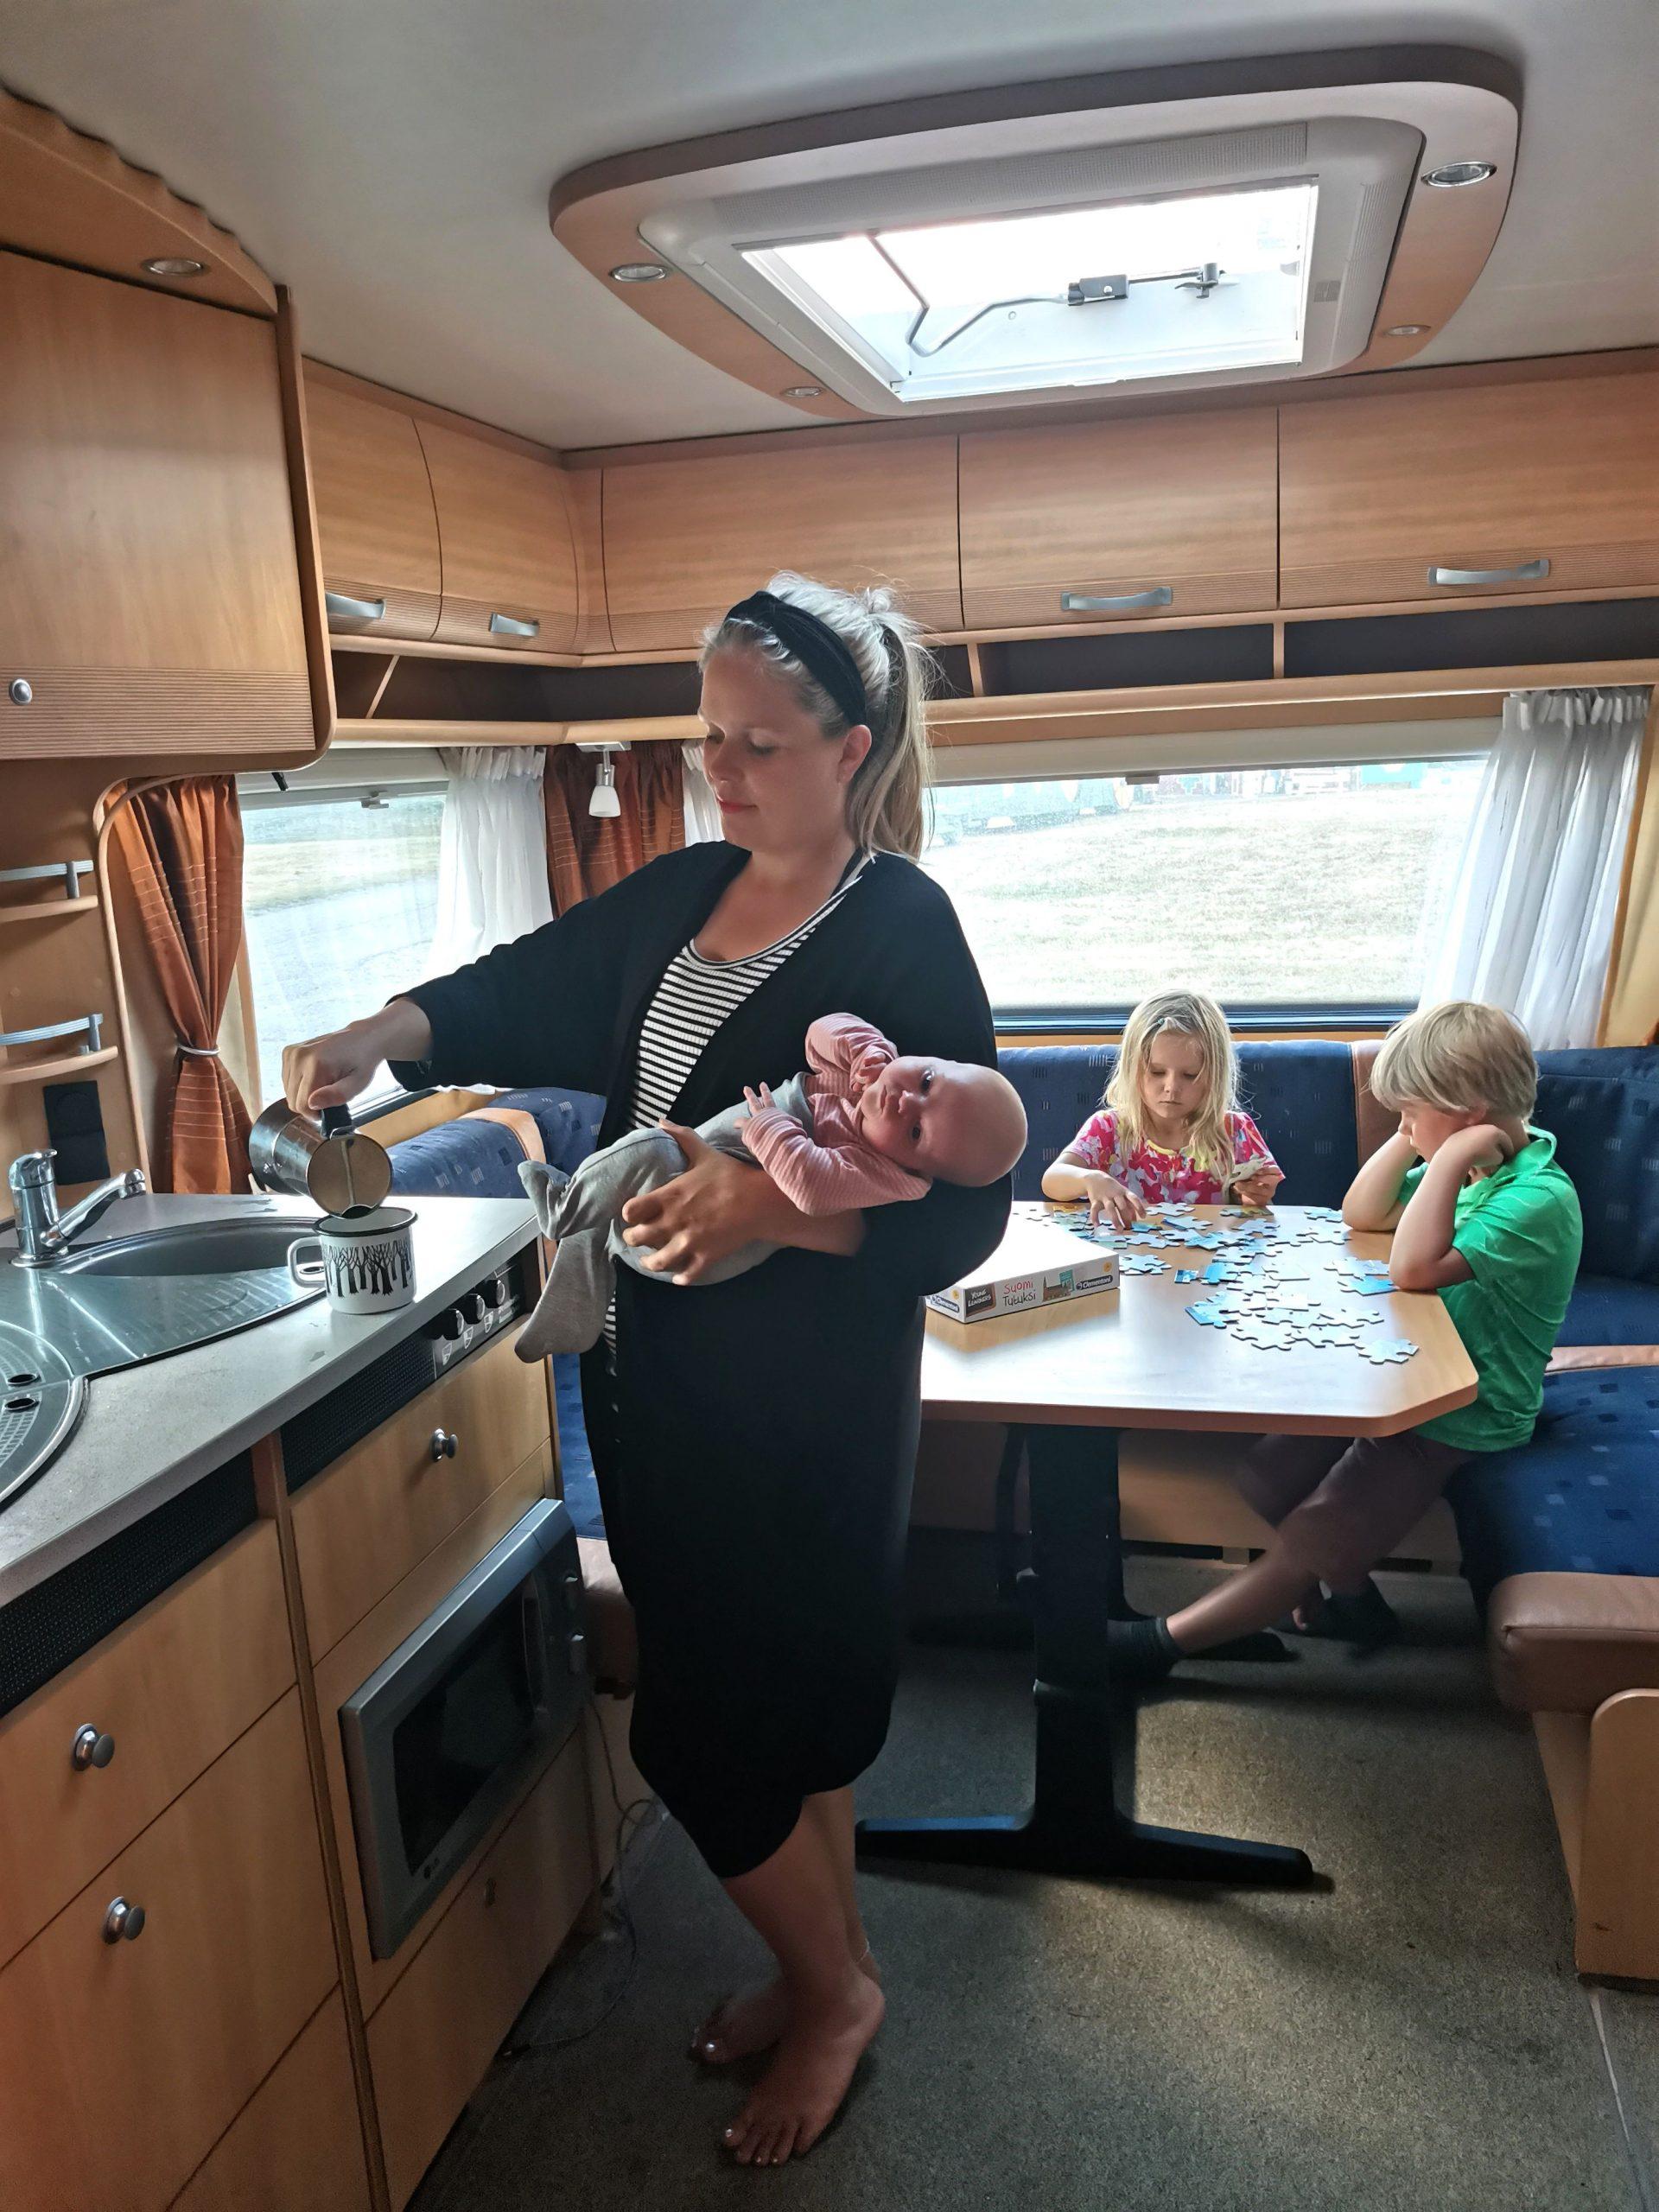 Lapsiperheen matkakodin keittiössä on paljon tilaa astioille ja ruoille.